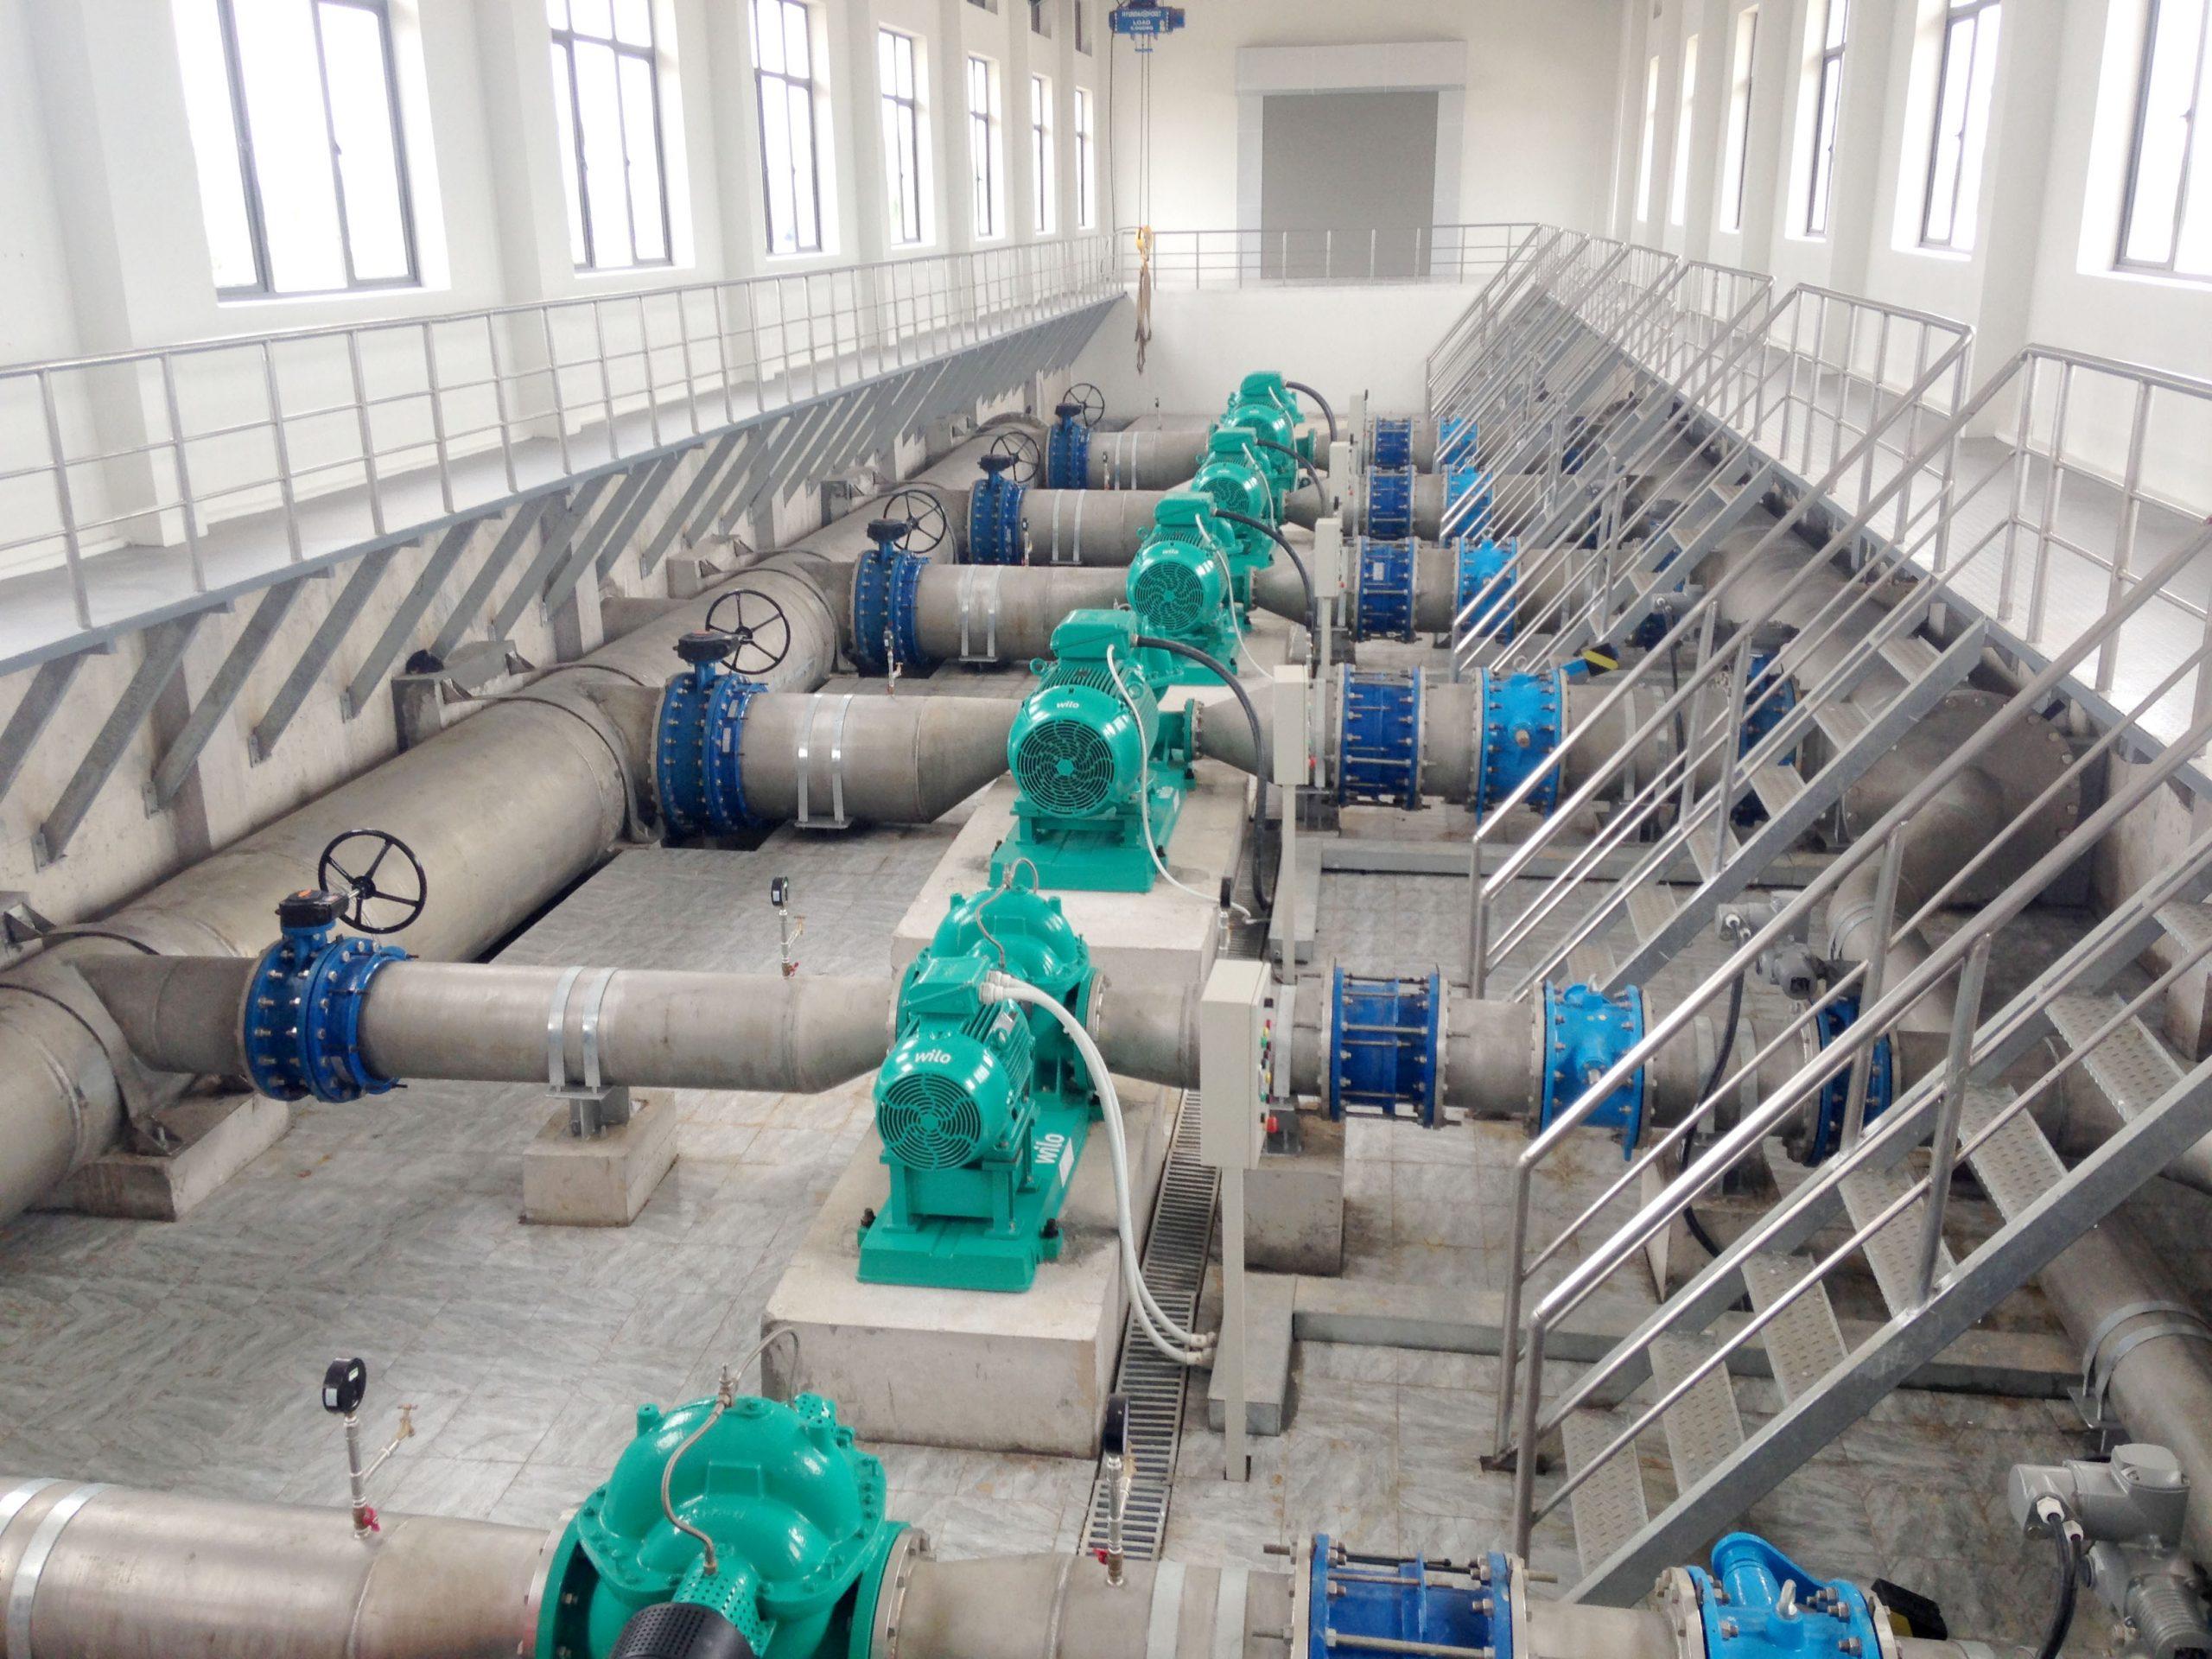 Thi công lắp đặt công nghệ nhà máy nước Hưng Đạo – Hải Phòng